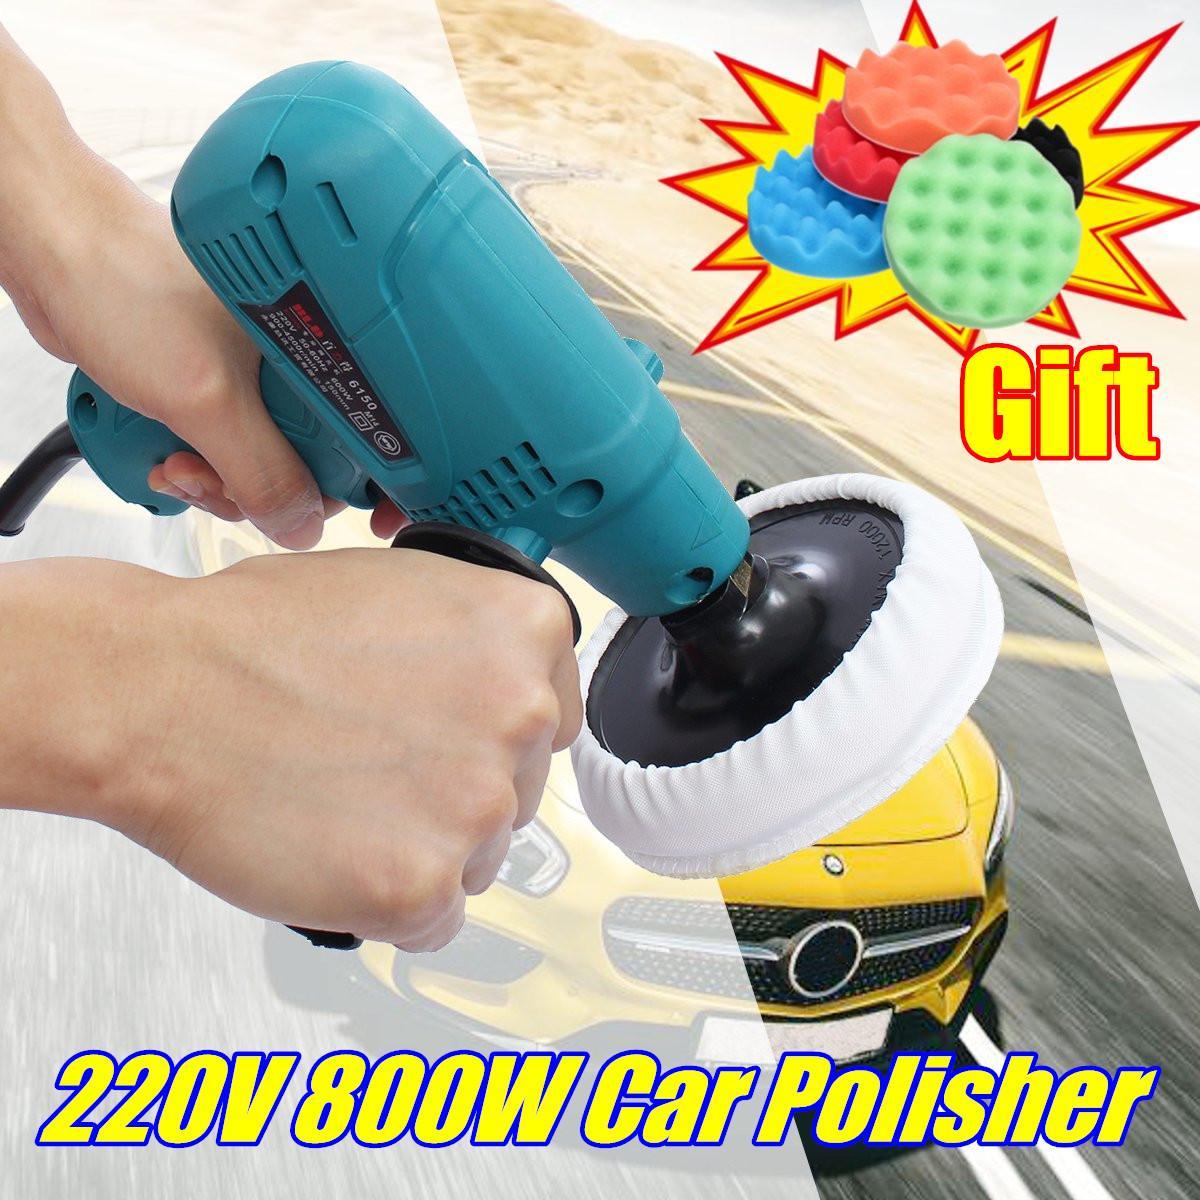 220 В 800 Вт автомобиль полировщик автомобилей мебель электрический автомобиль Лодка полировки воском машина регулируемой скоростью с 5 шт. по...